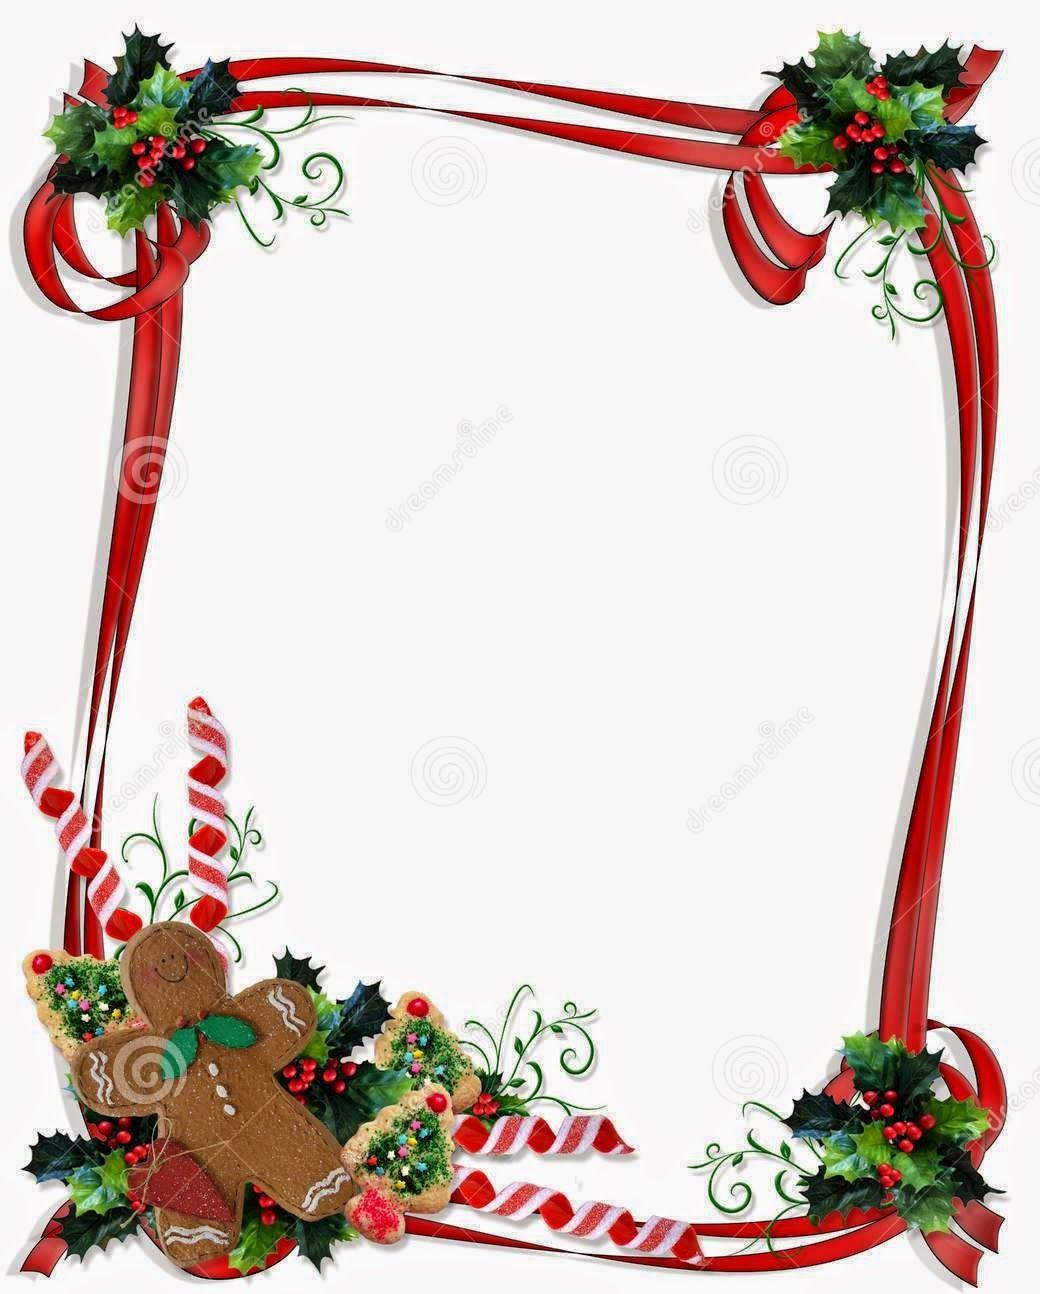 Merry-Christmas-Day-2014-Border-Free-Printable-Download   Christmas - Free Printable Christmas Clip Art